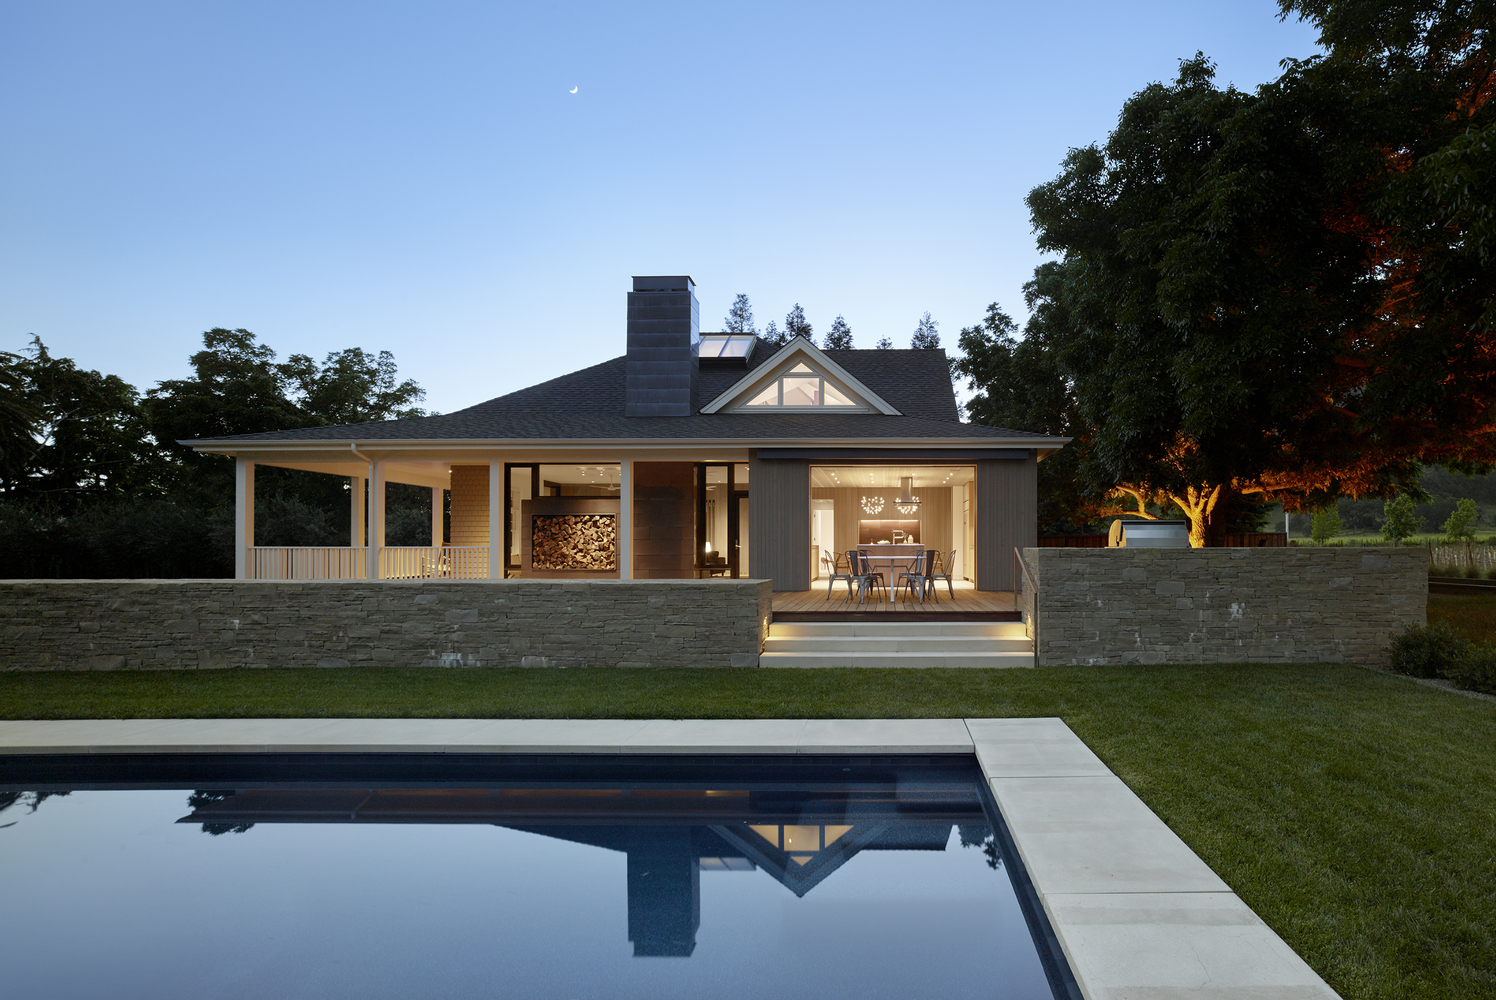 ออกแบบตกแต่งภายในบ้าน